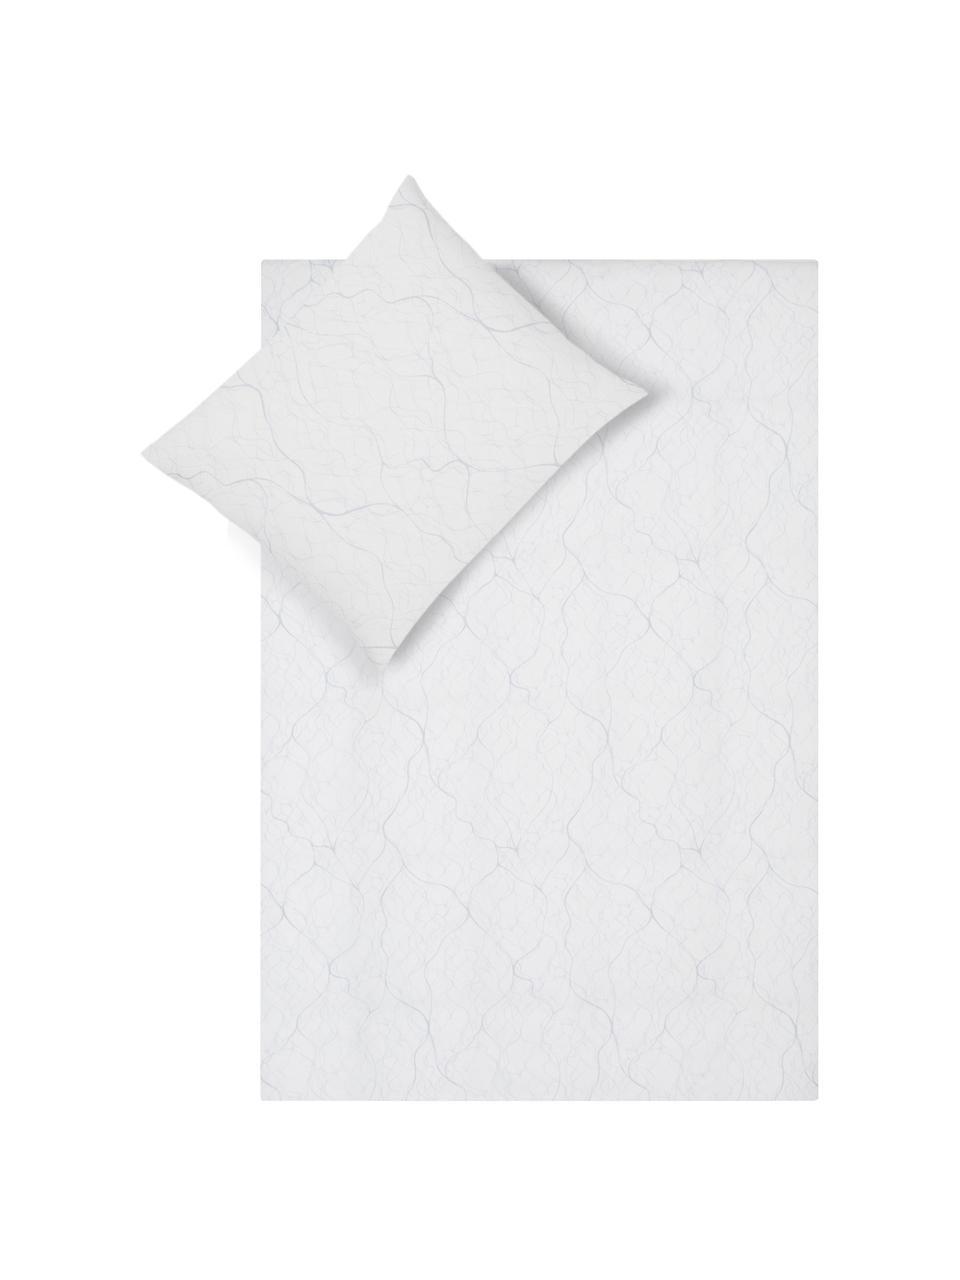 Katoensatijnen dekbedovertrek Delta, Gebroken wit, lichtgrijs, 140 x 220 cm